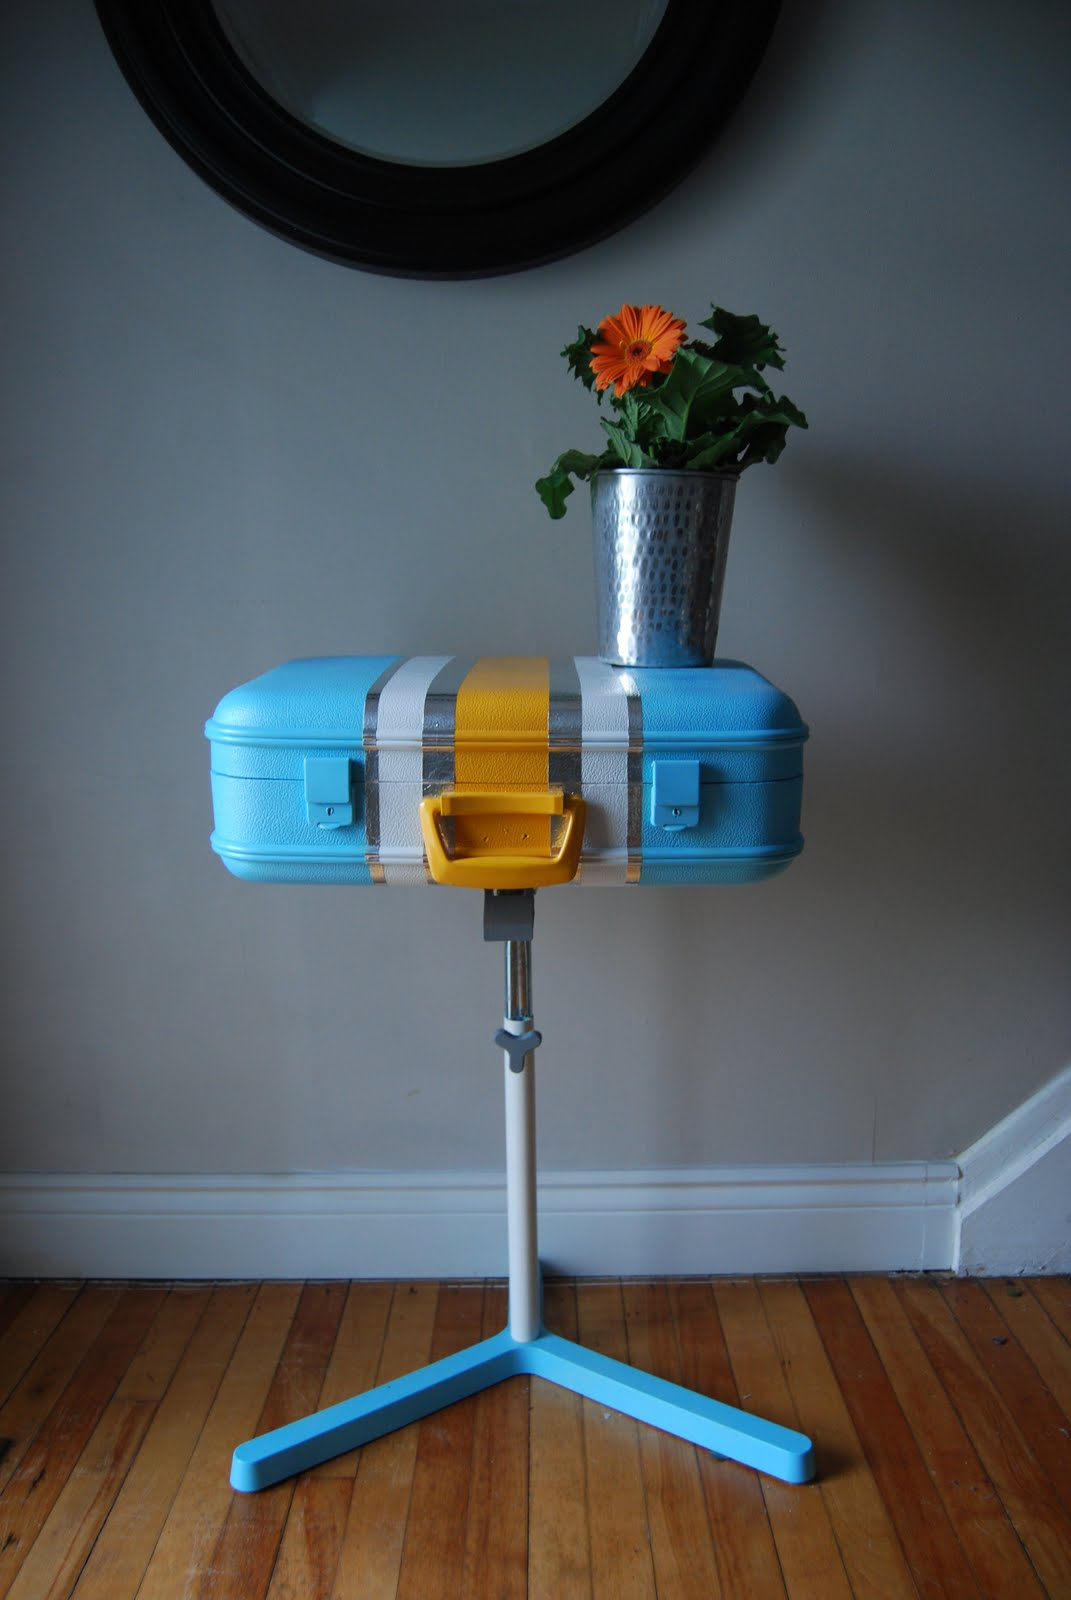 25 maneras de buscar una nueva vida a tus viejas maletas 18